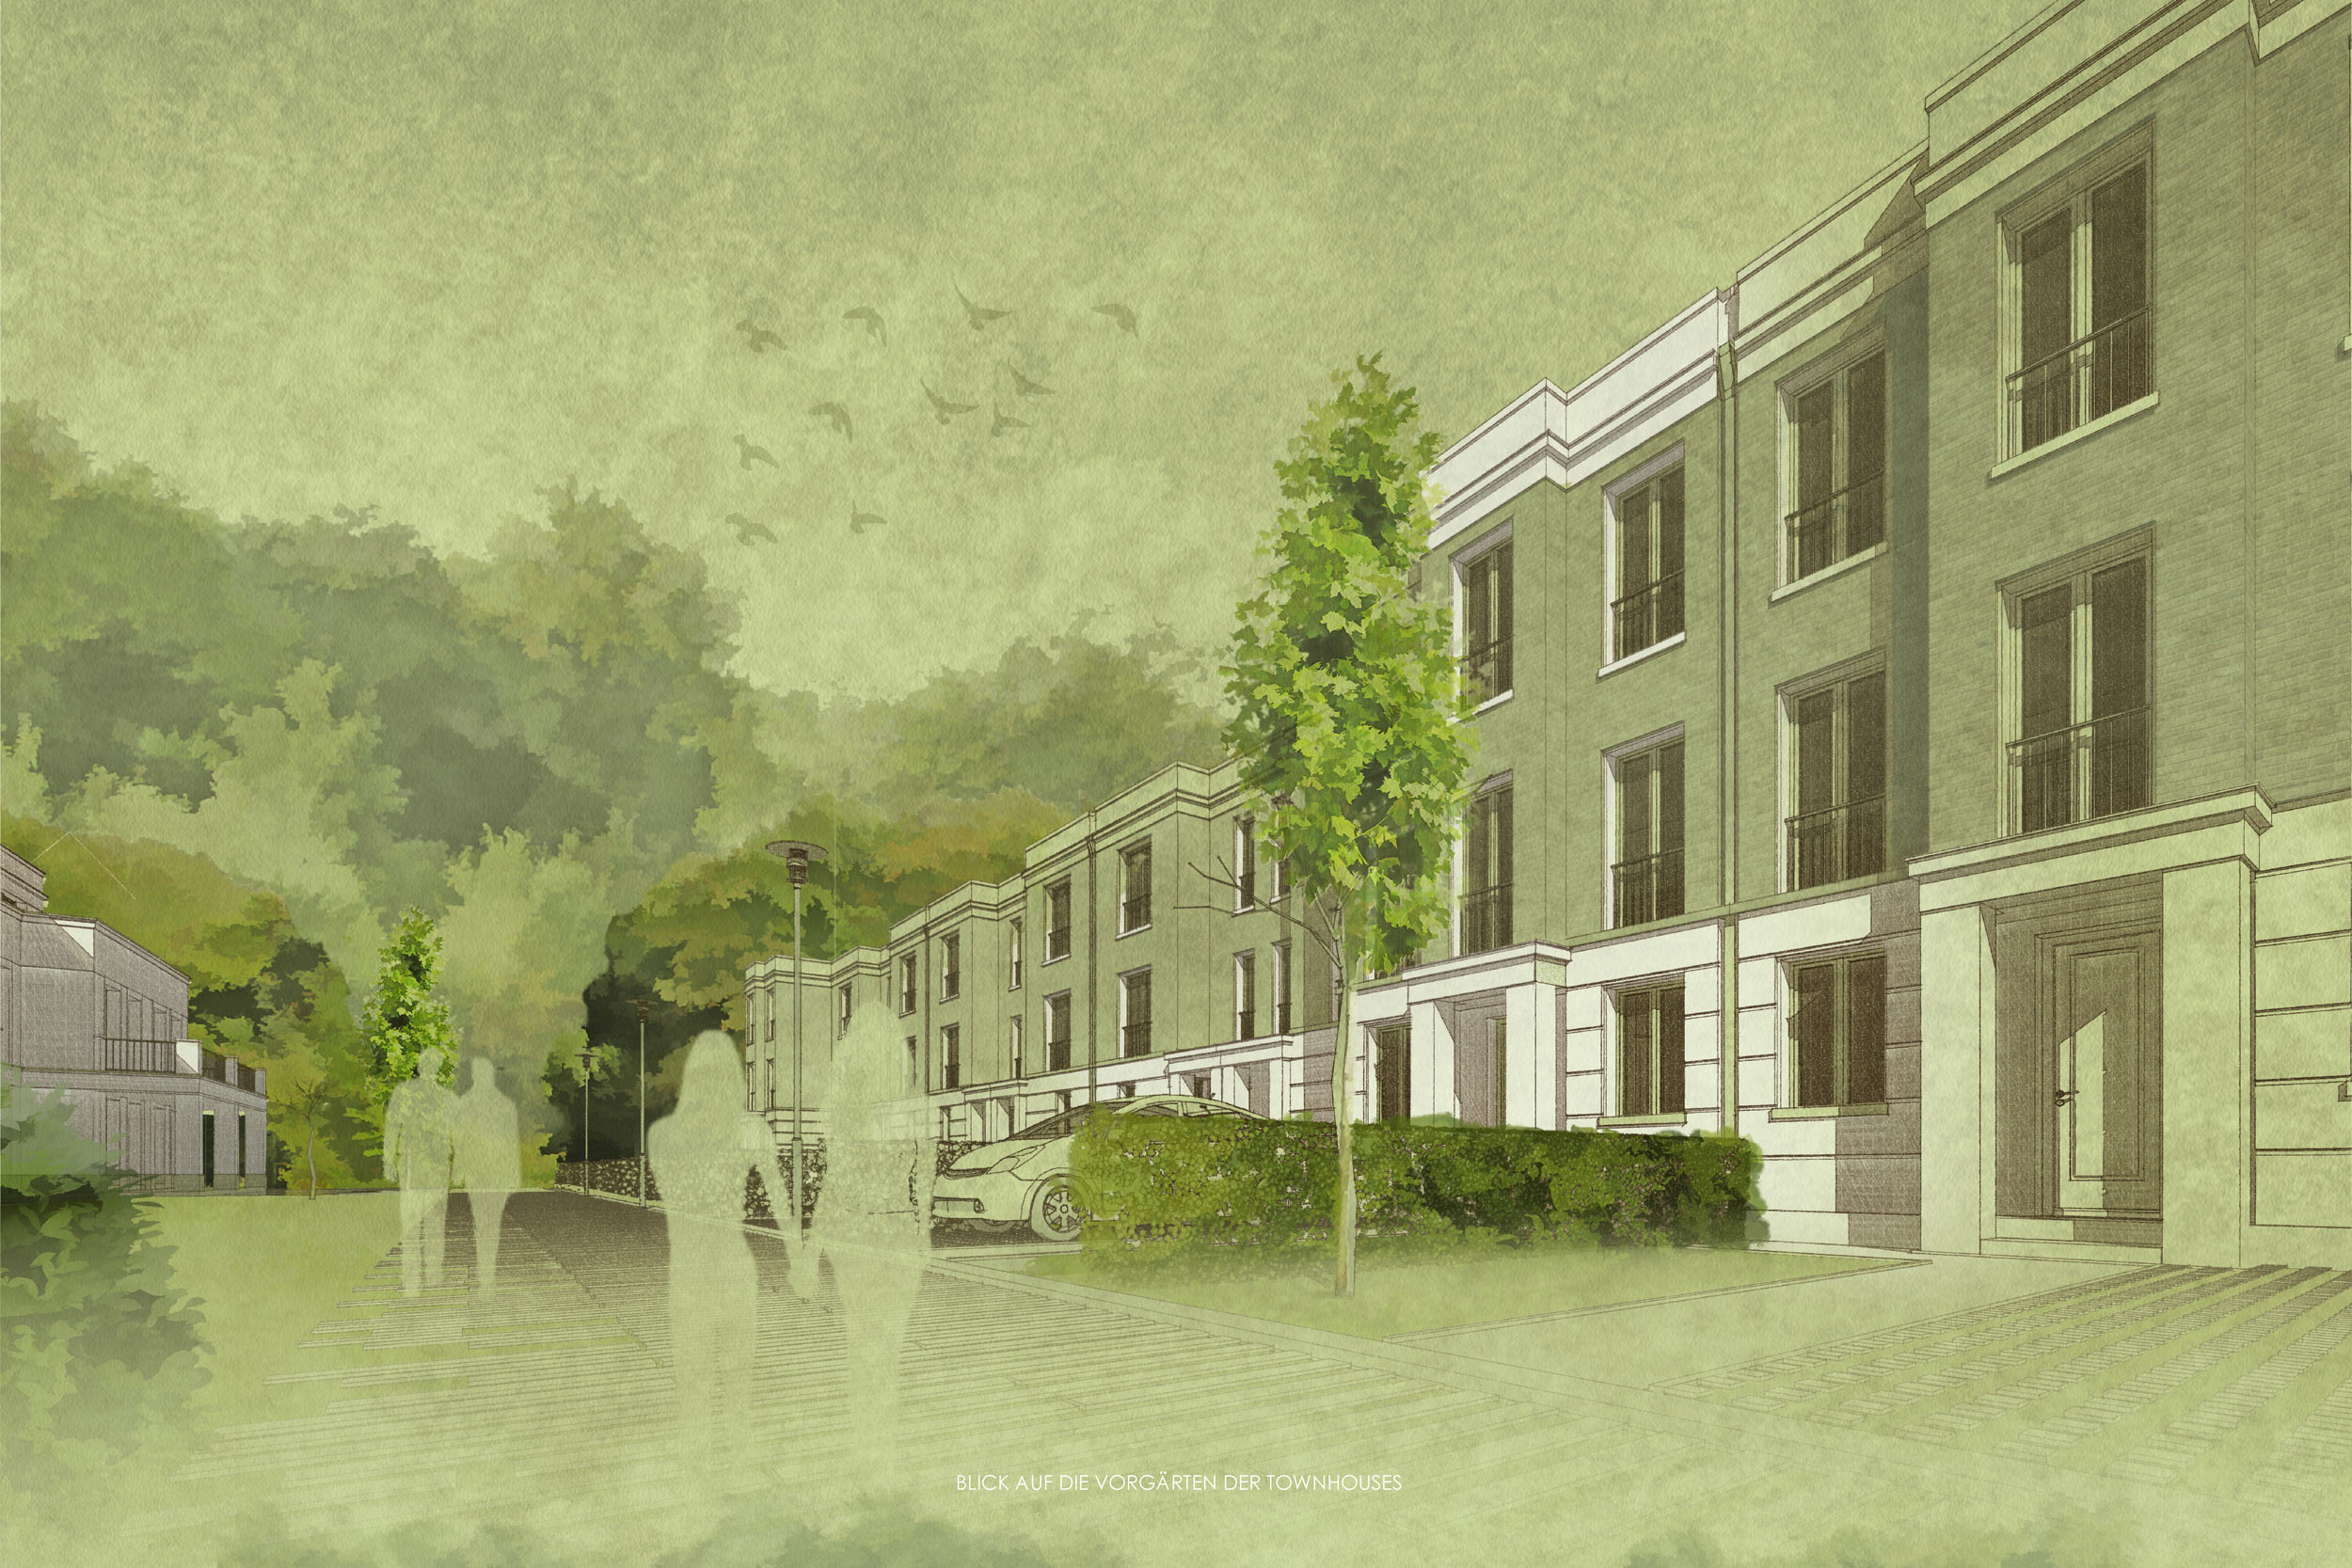 Wohnensemble im Landschaftspark - Errichtung von Neubauwohnungen - Ansicht der Straßenfassade der Townhouses